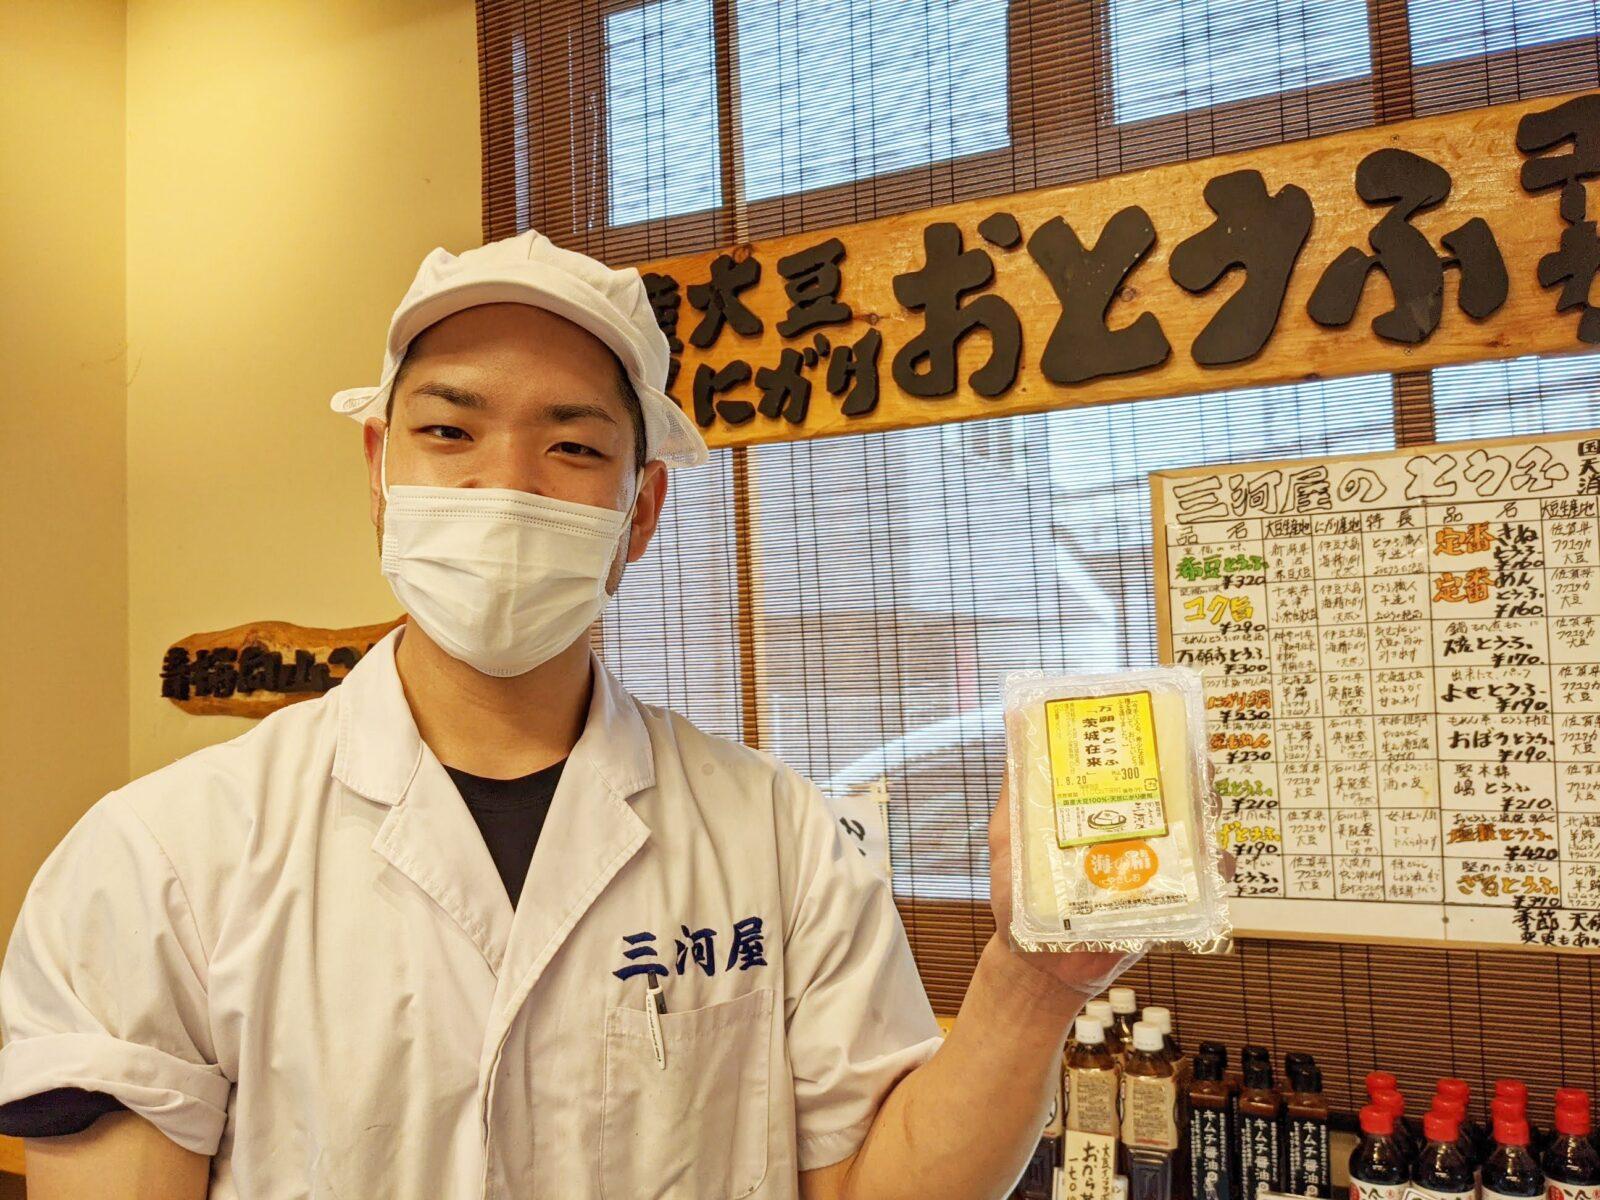 【日野市】昭和45年創業。手作り豆腐を半世紀も届け続ける『とうふ処三河屋』